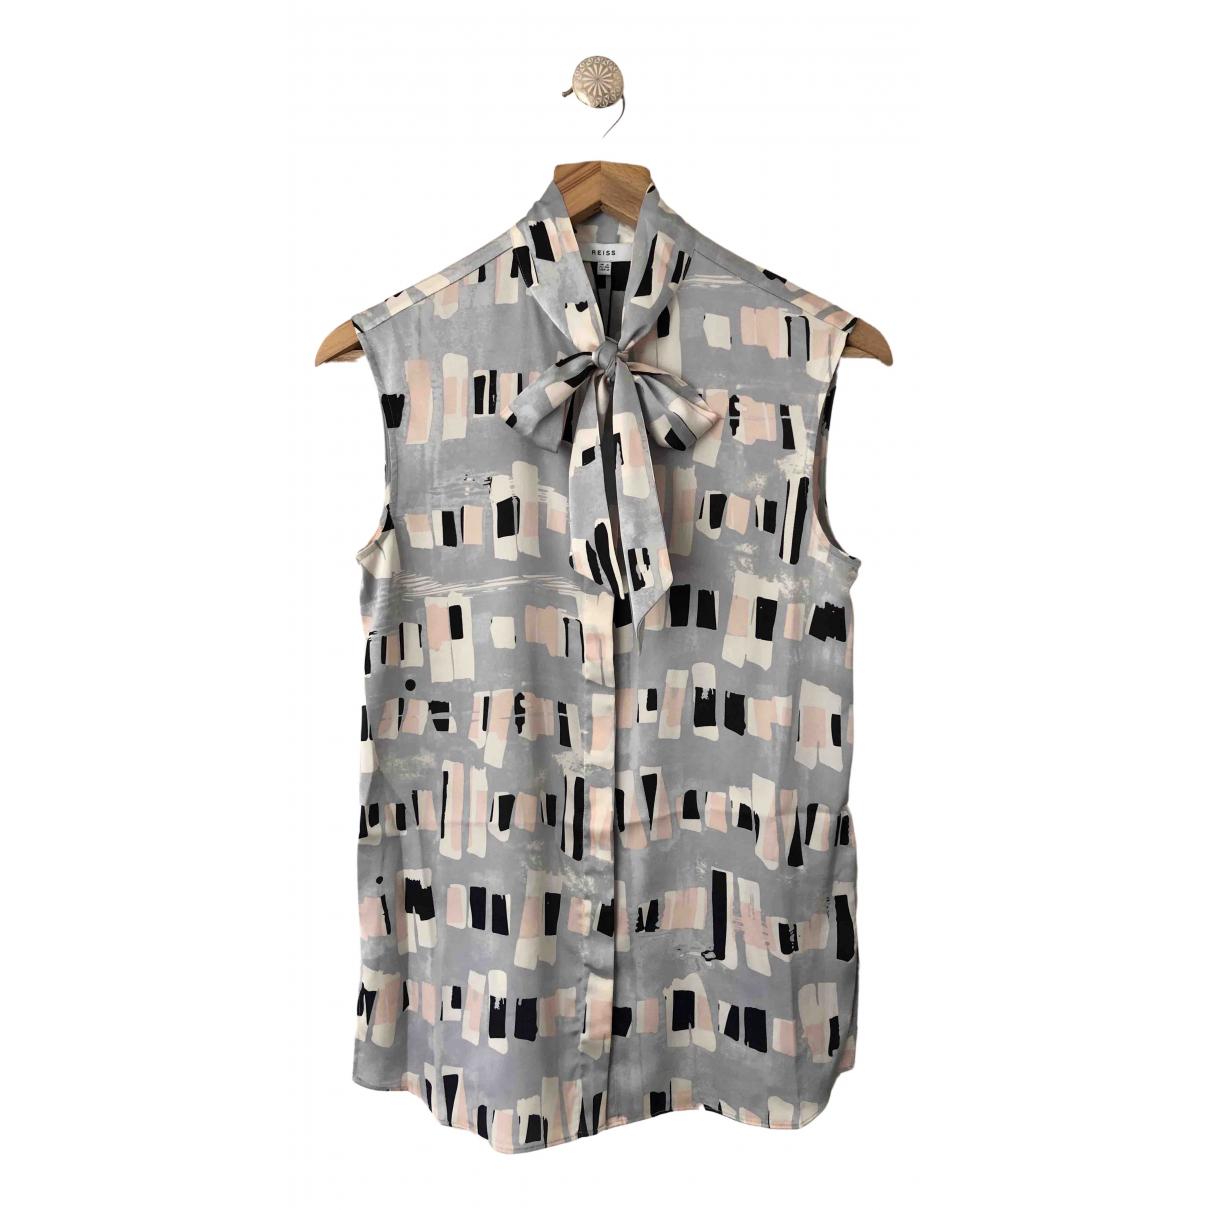 Reiss \N Top in  Grau Polyester